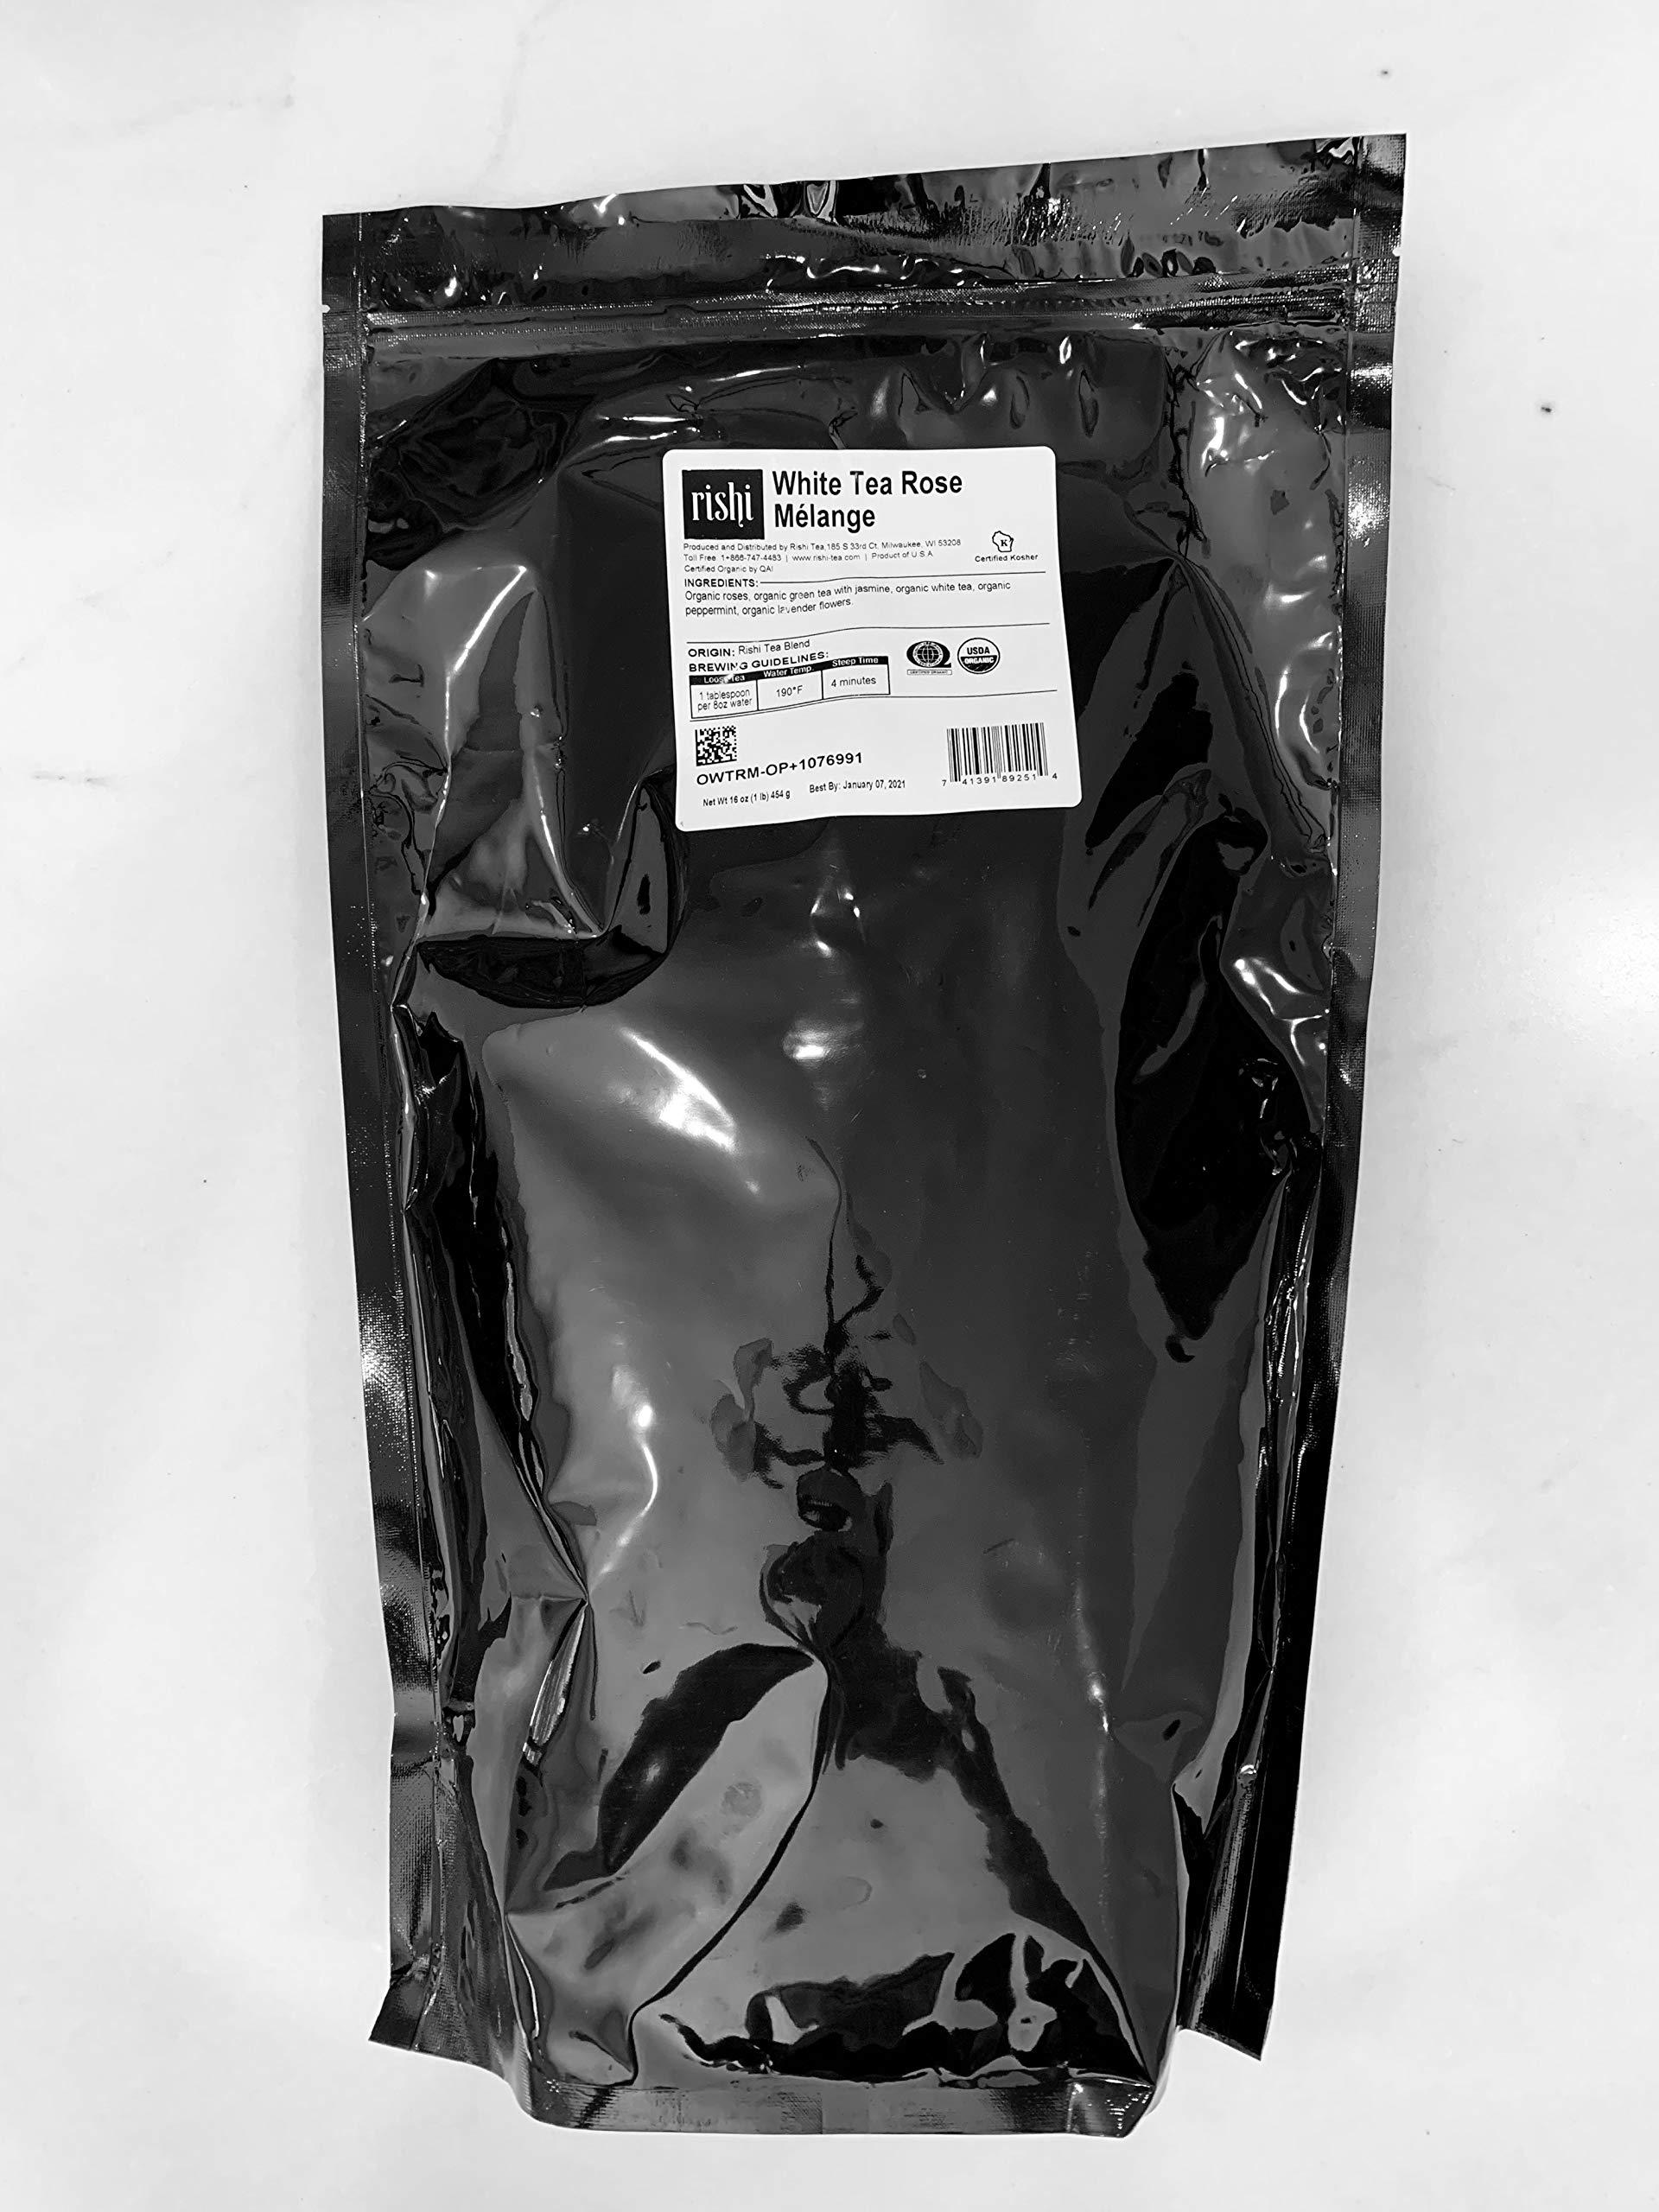 Rishi Tea Organic White Tea Rose Melange - 1 lb